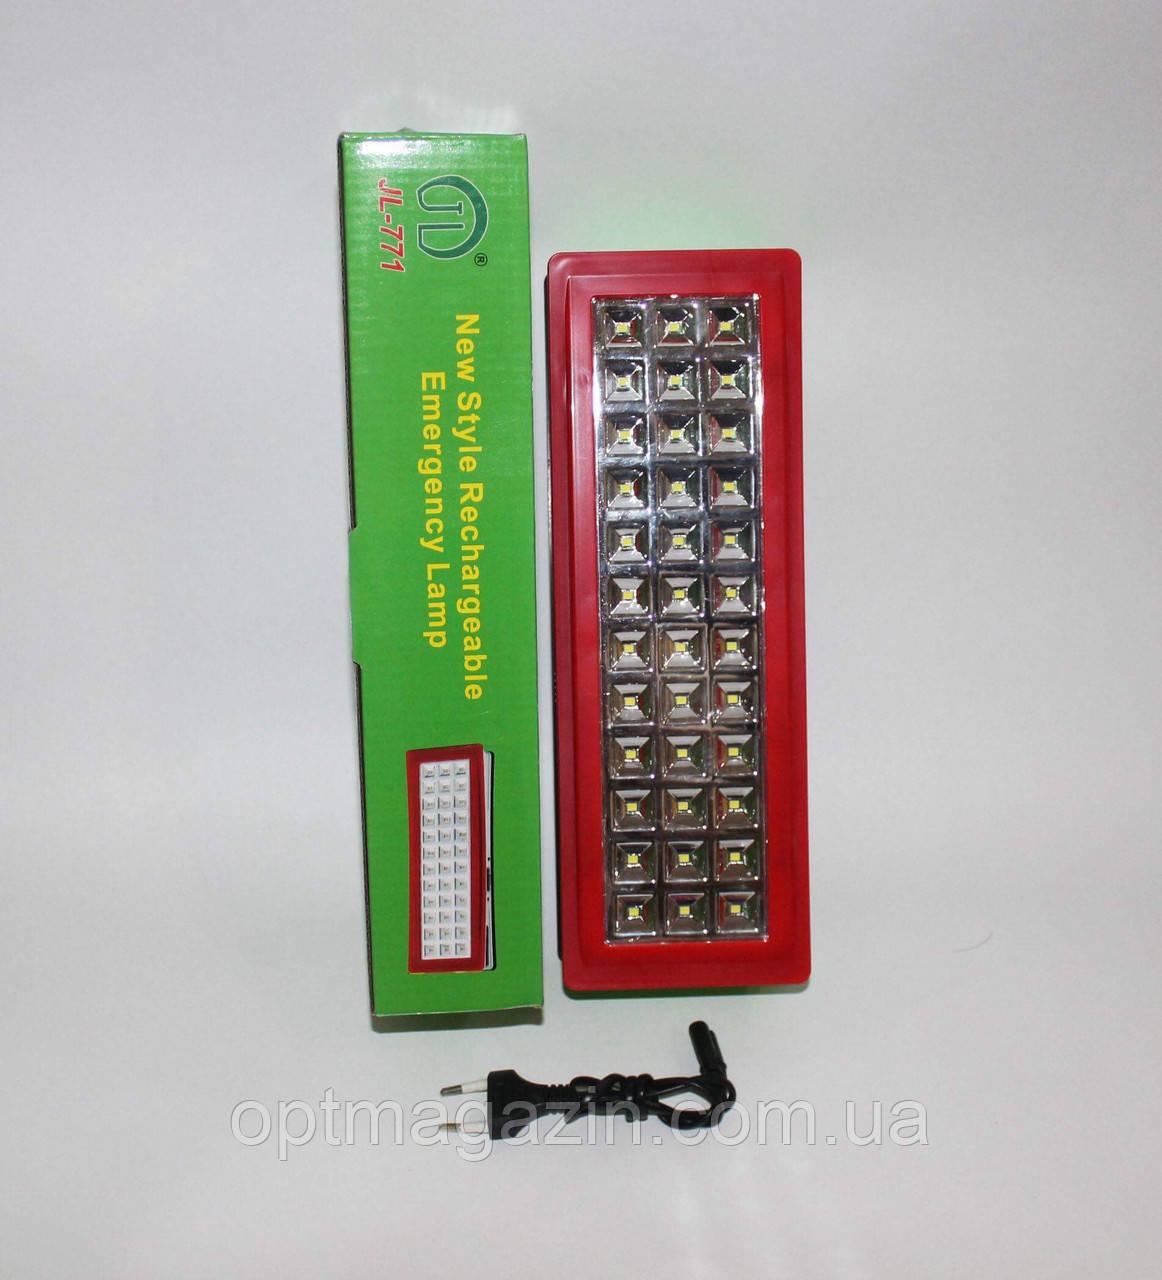 Фонарь светодиодный   JL-771 с аккумулятором 36 диодова\ фонарь авврийный 771 36 диодов